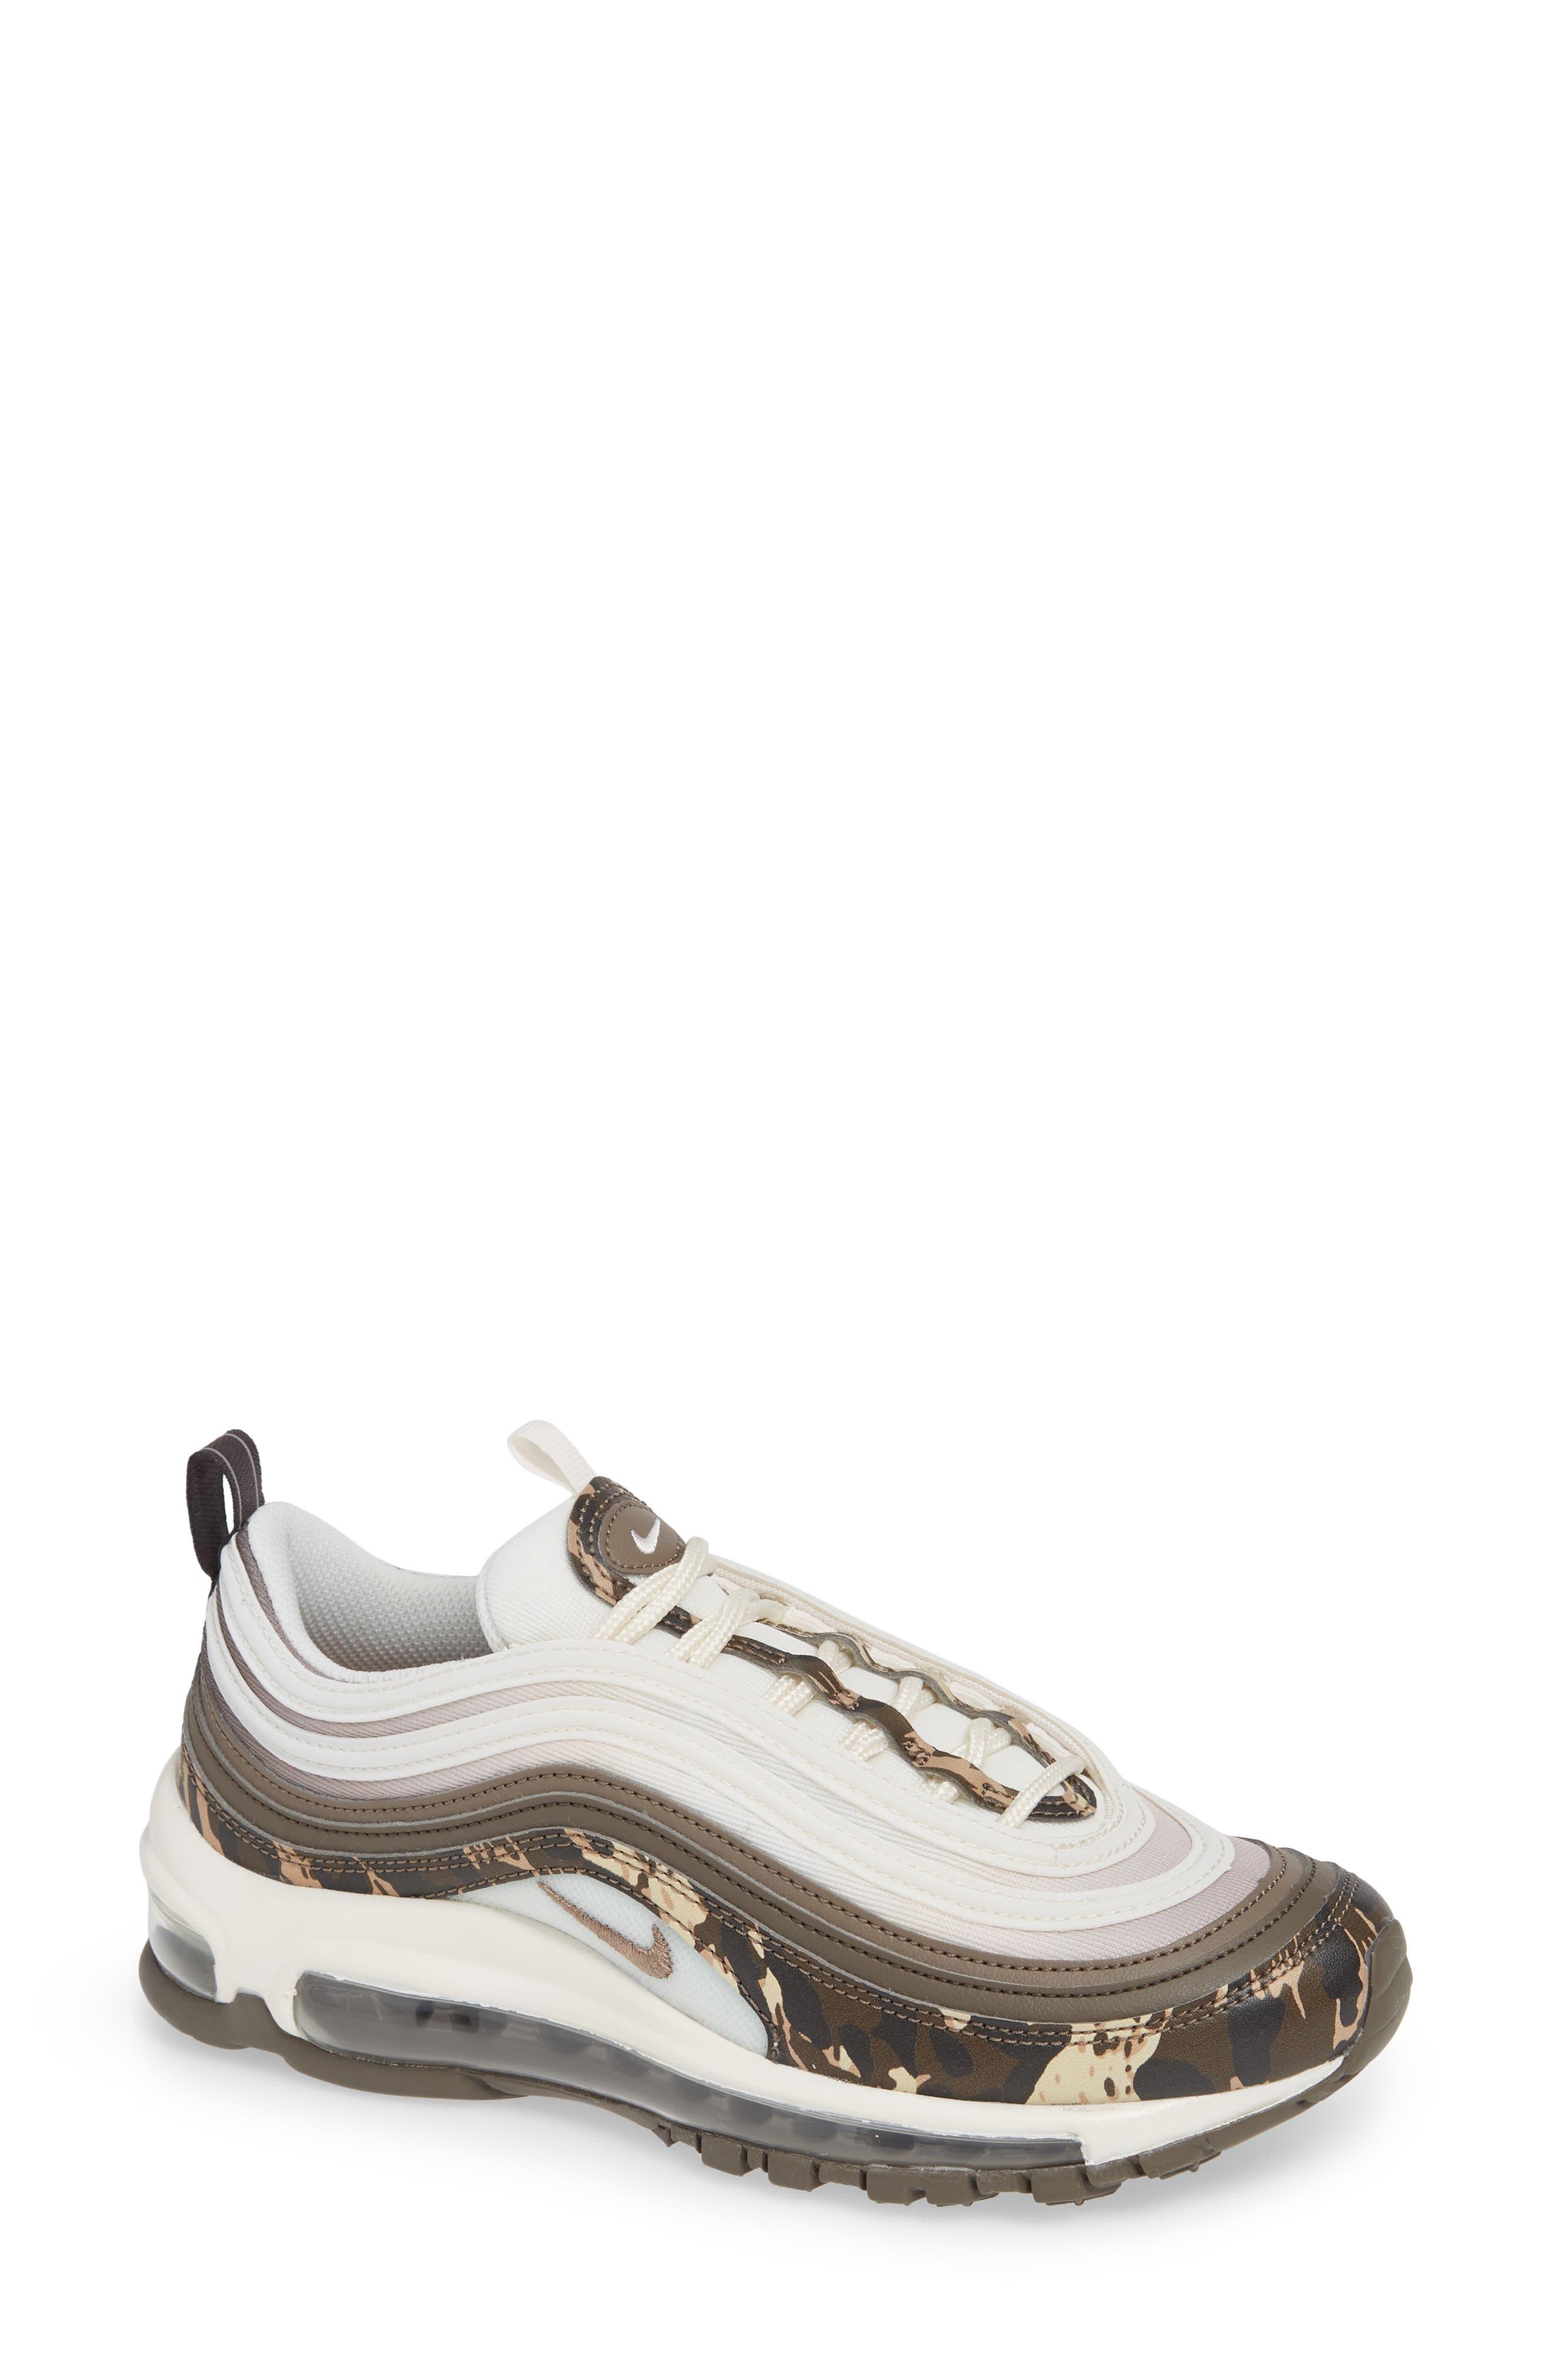 Air Max 97 Premium Sneaker,                             Main thumbnail 1, color,                             BROWN/ PHANTOM